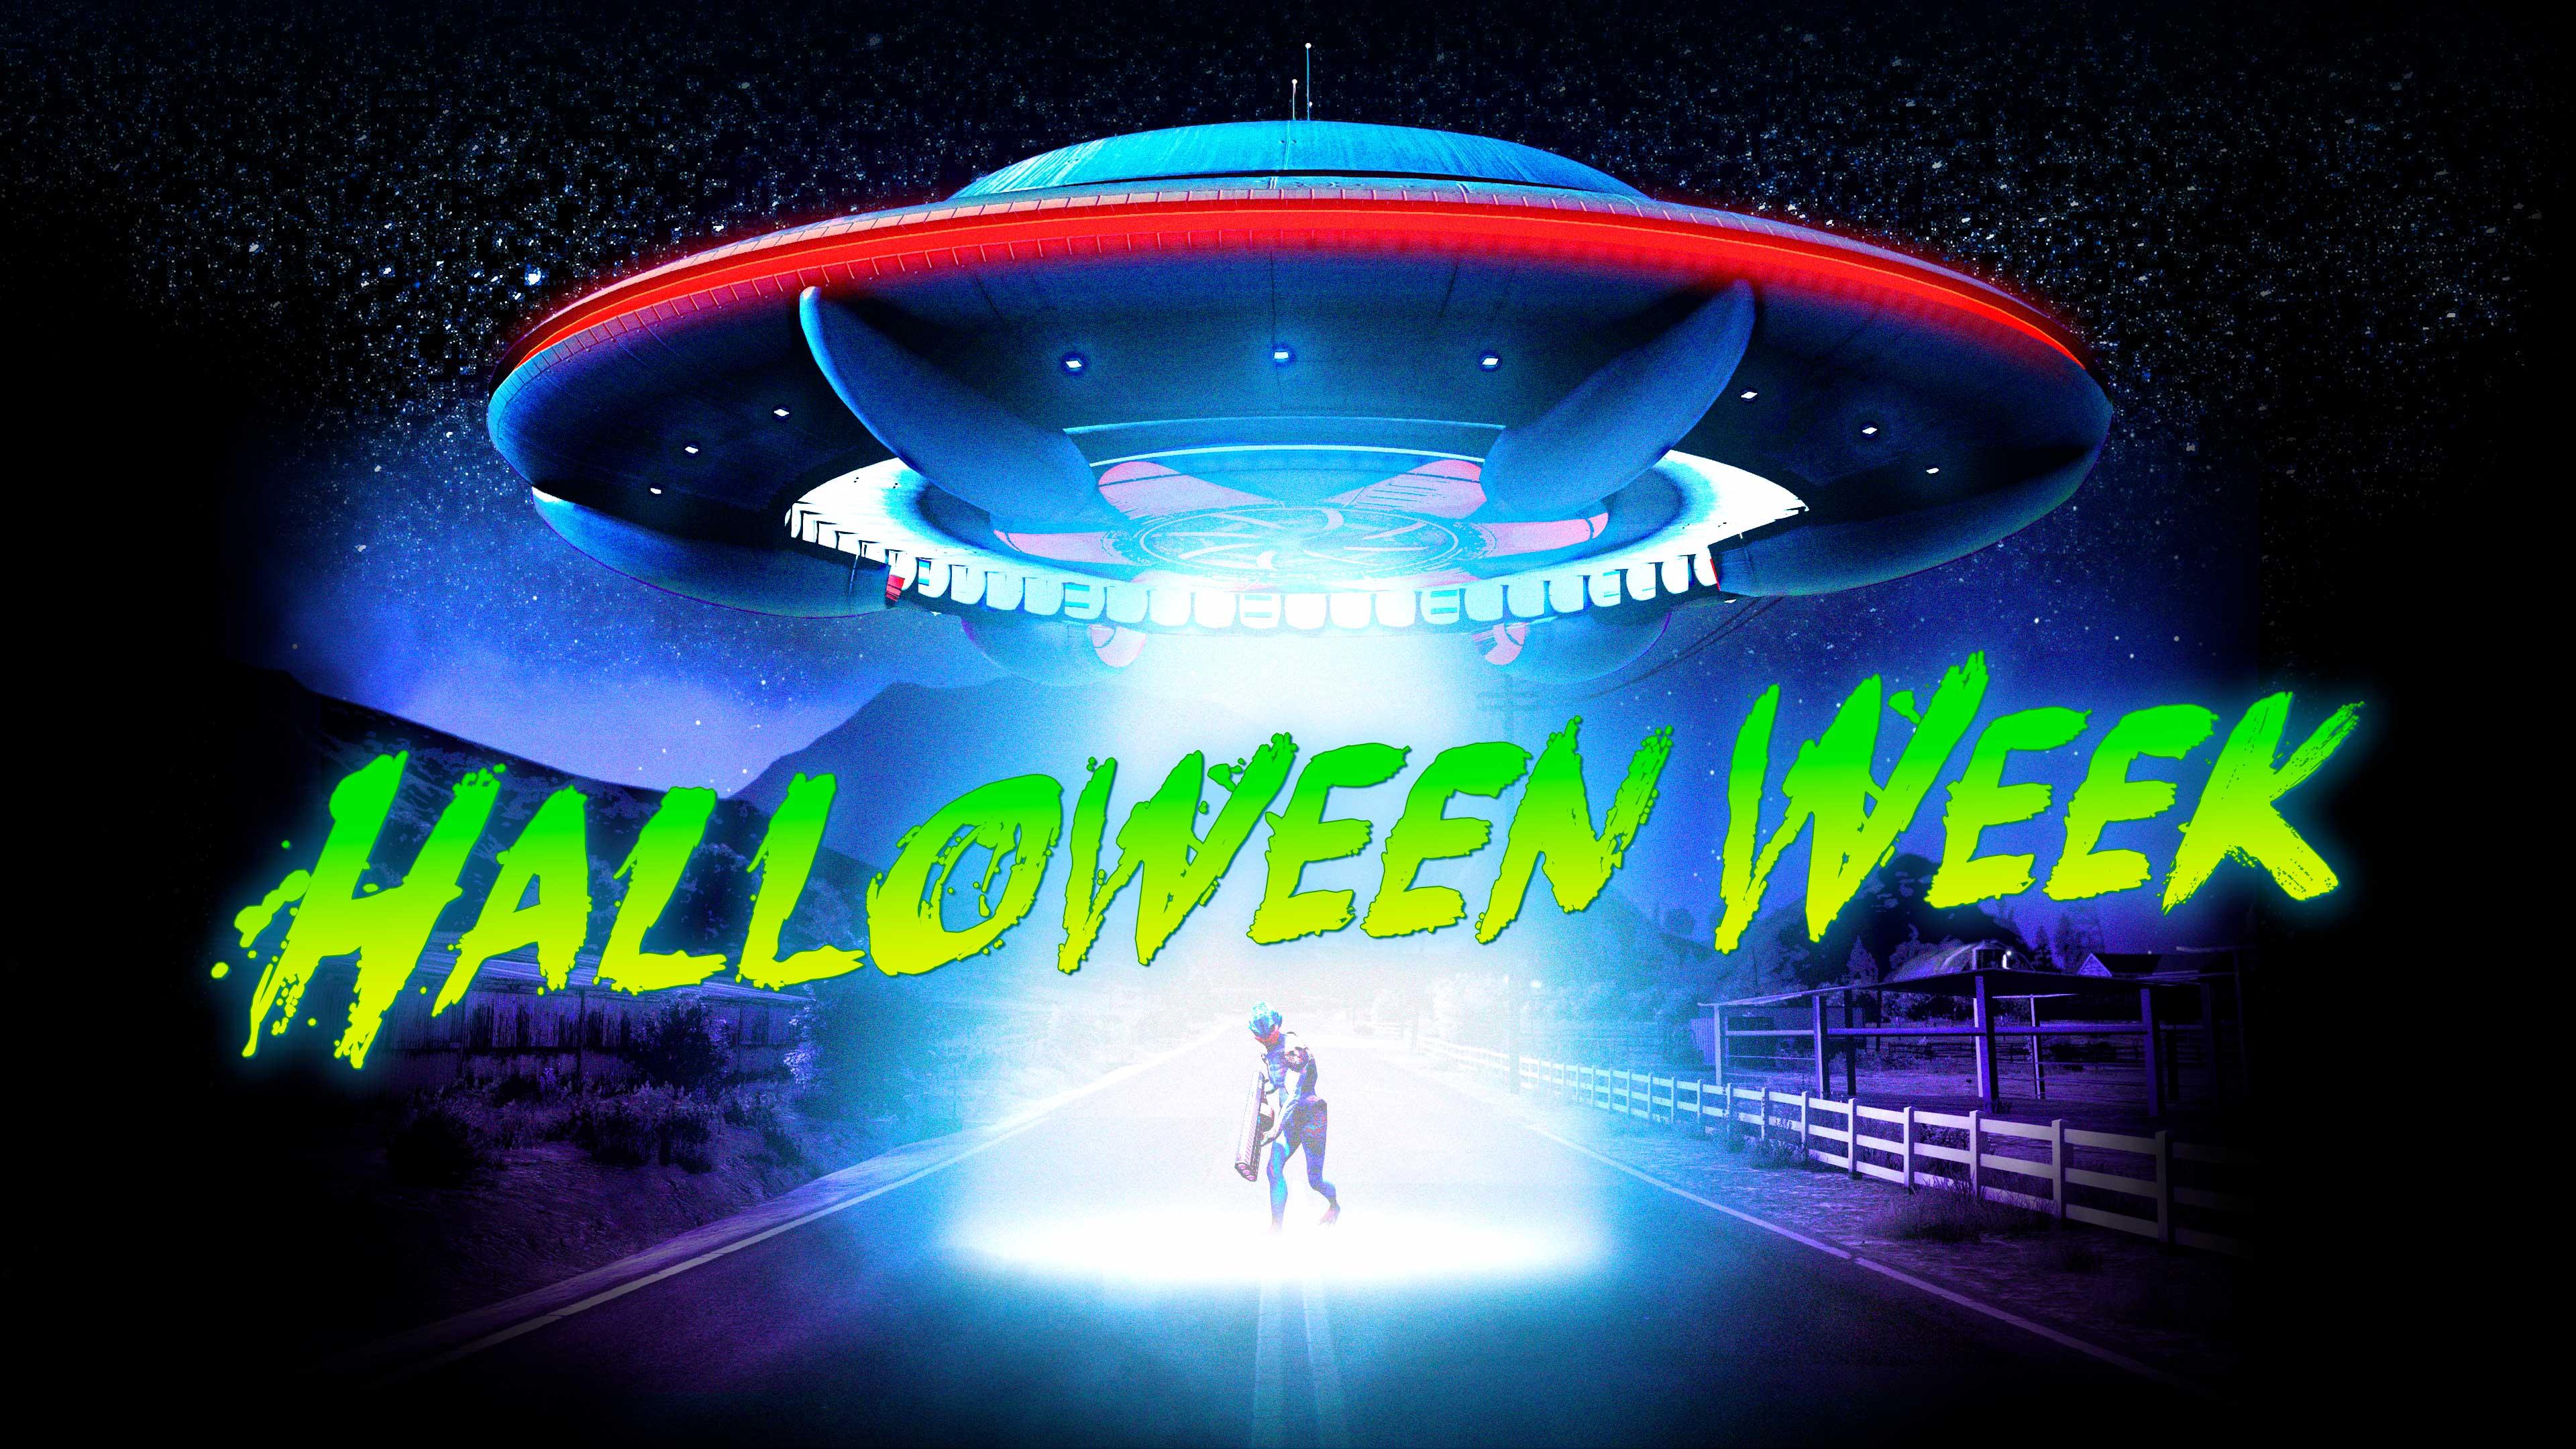 Halloweenowy tydzień w GTA Online - prezenty i zniżki